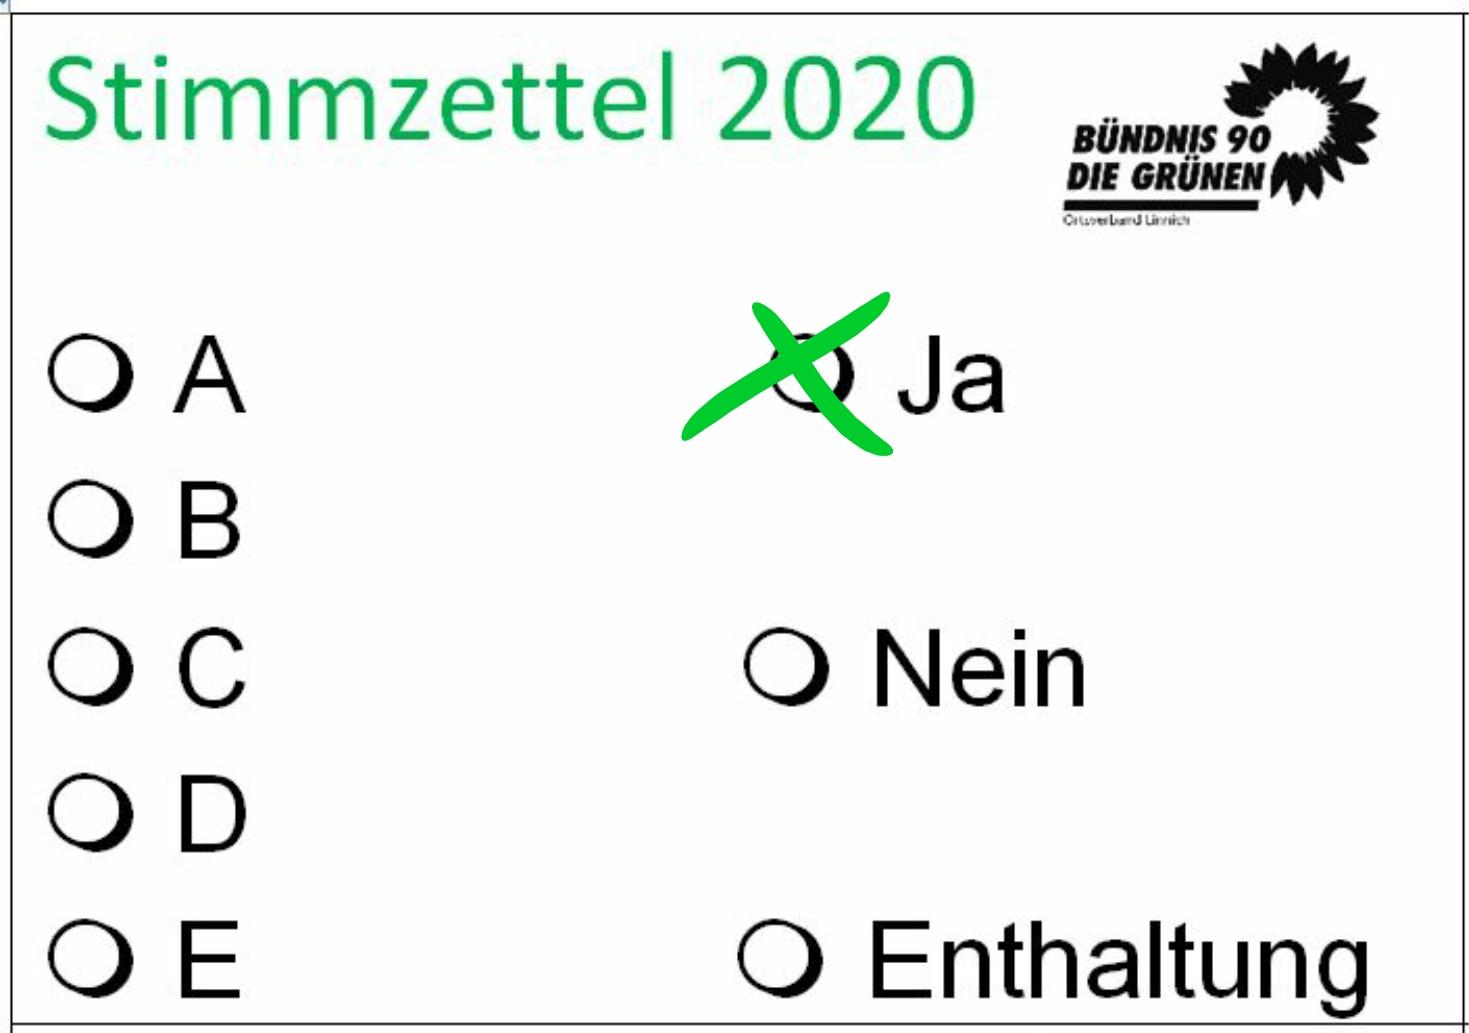 Kandidaten für die Kommunalwahl gewählt